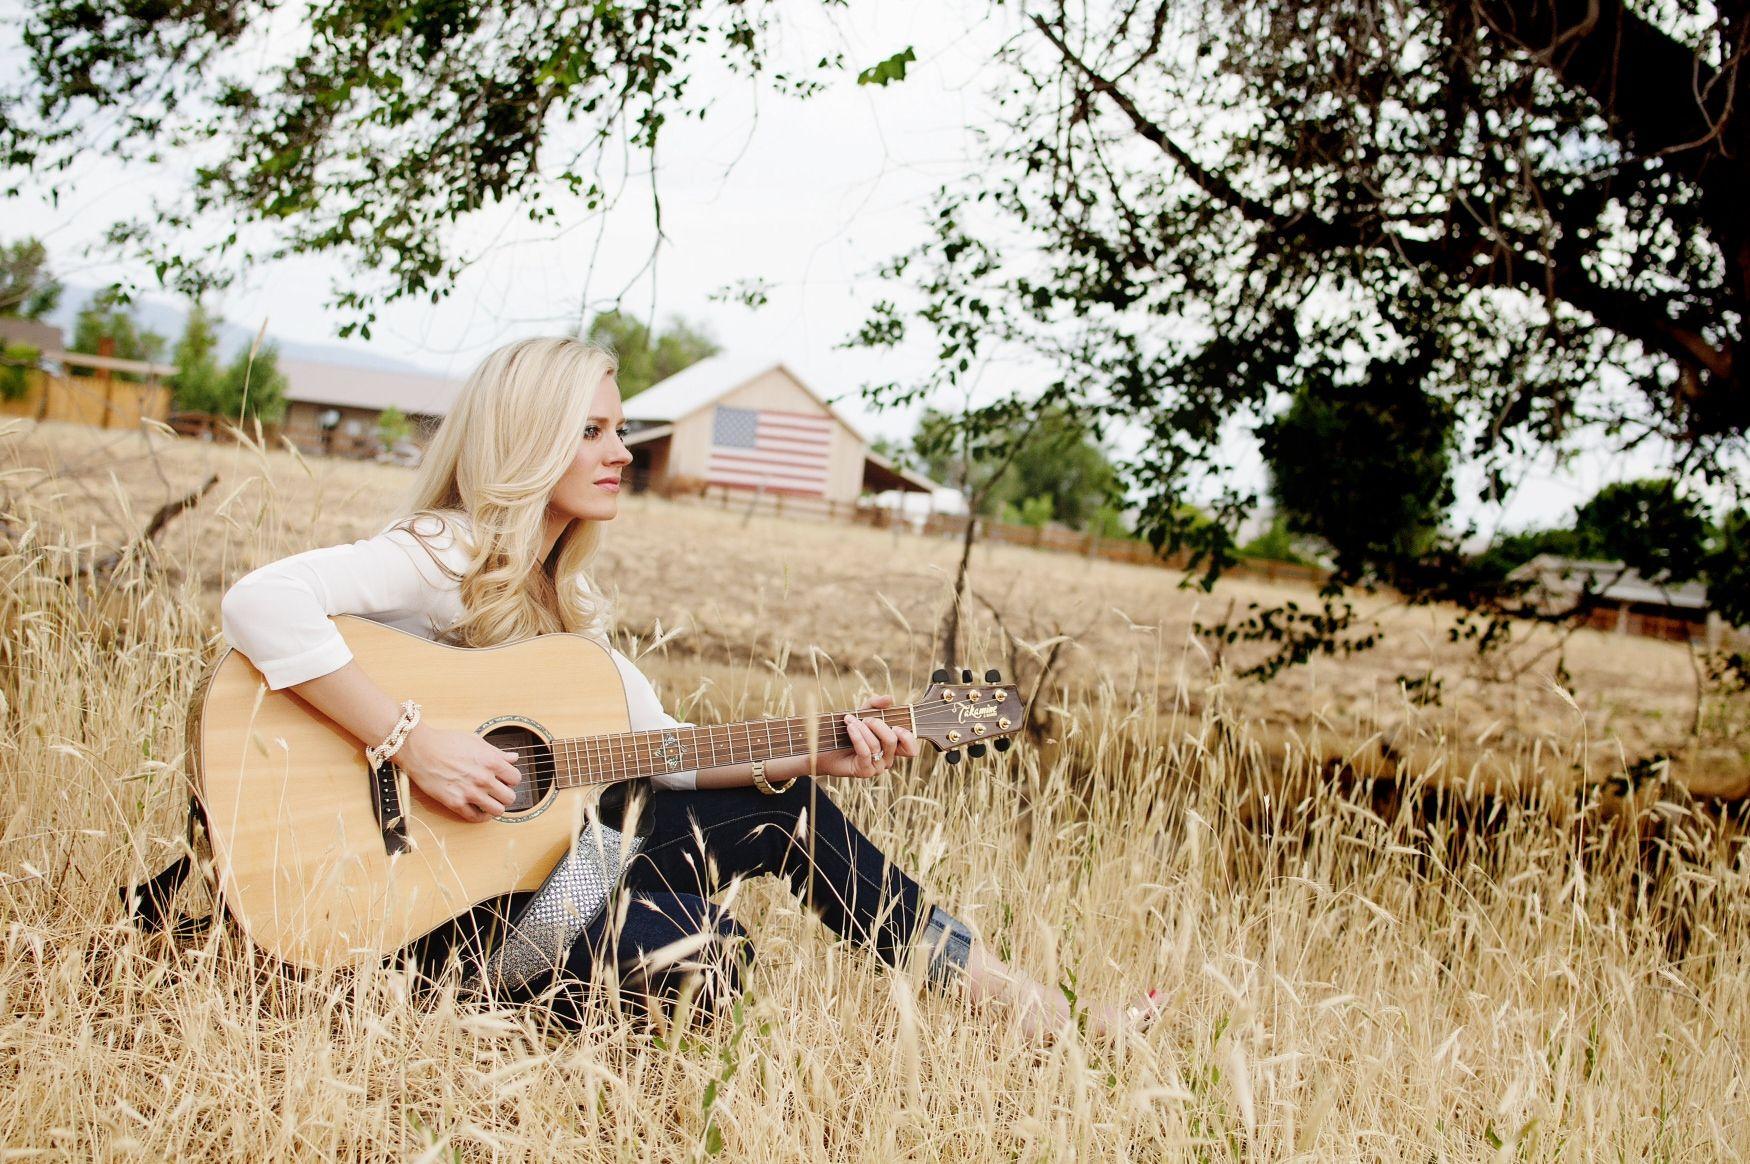 Teen outdoor in string doubt